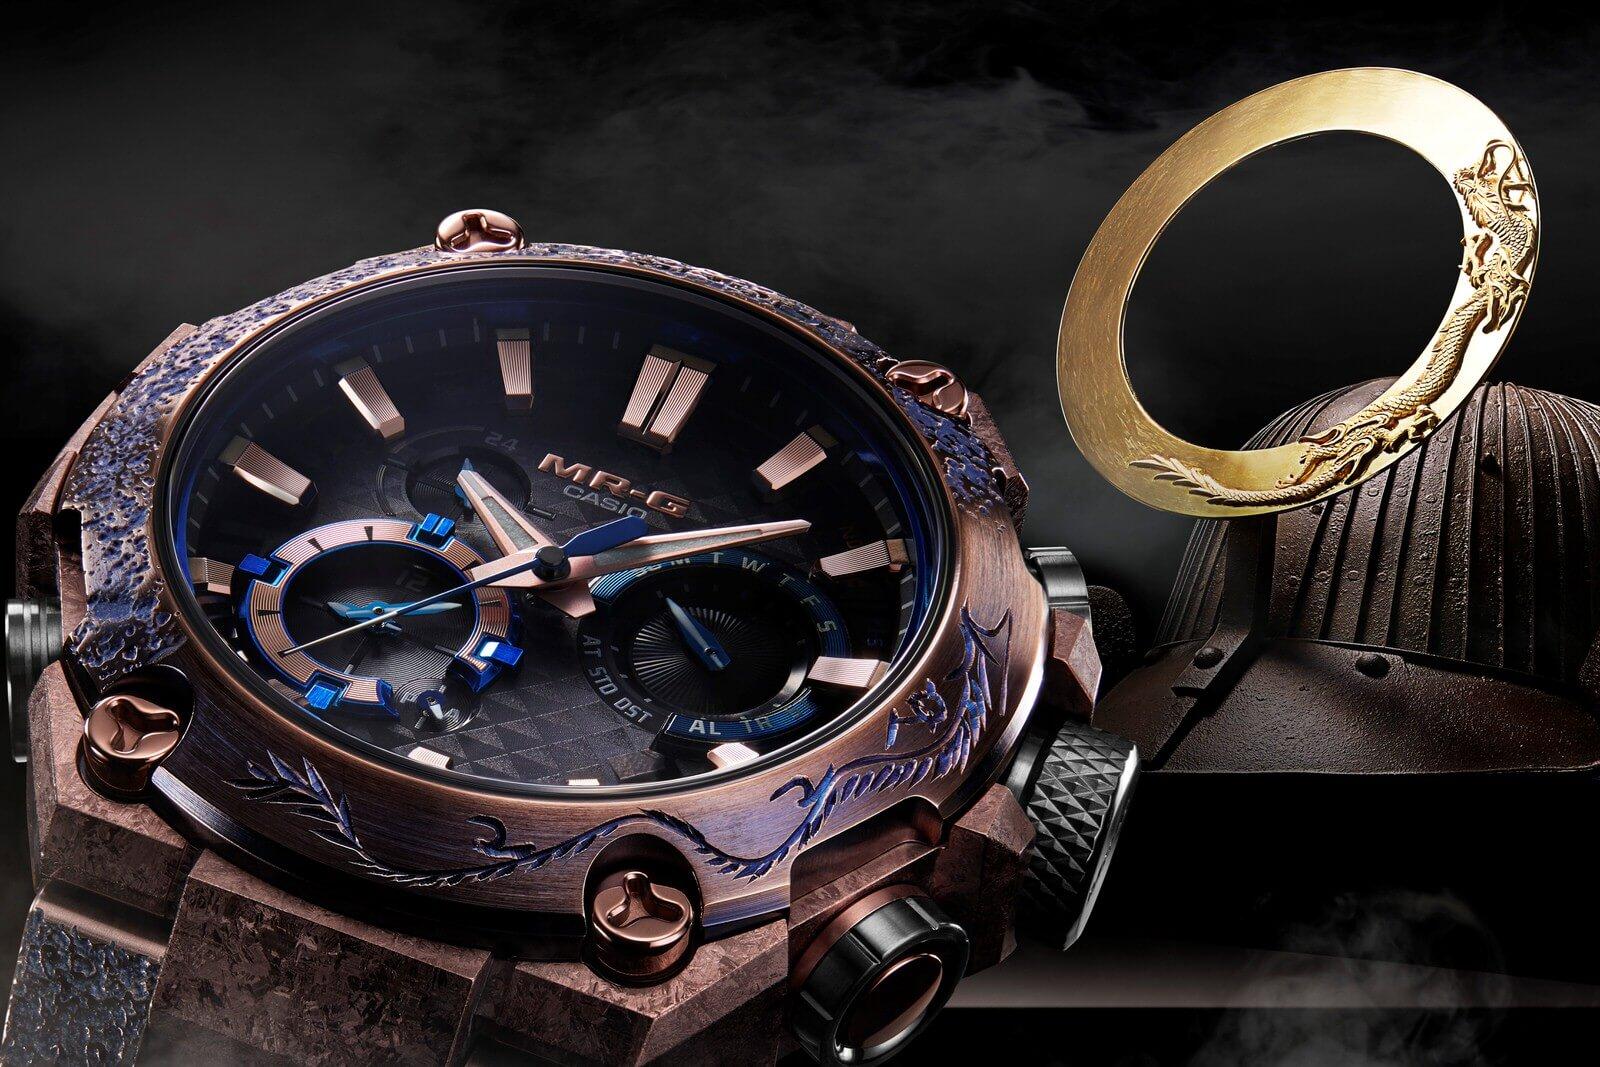 G-Shock MRG-B2000SH Shougeki-Maru